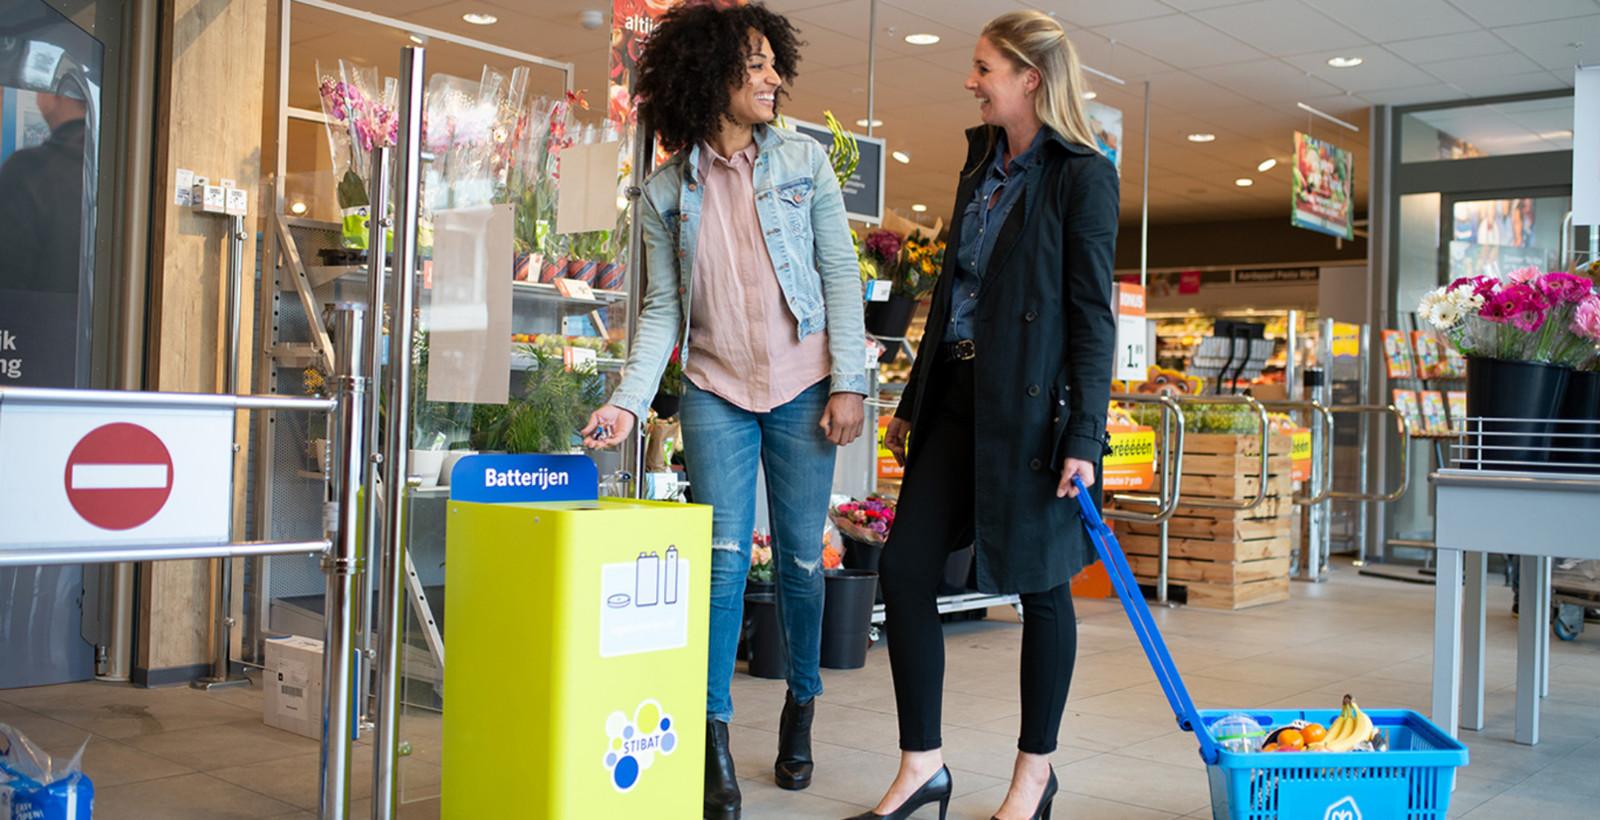 Foto van de campagne die BLU maakte voor de Stichting Batterijen (STIBA) die mensen ertoe moet brengen batterijen niet bij het huisvuil, maar in speciaal daarvoor gemaakte bakken de dumpen.